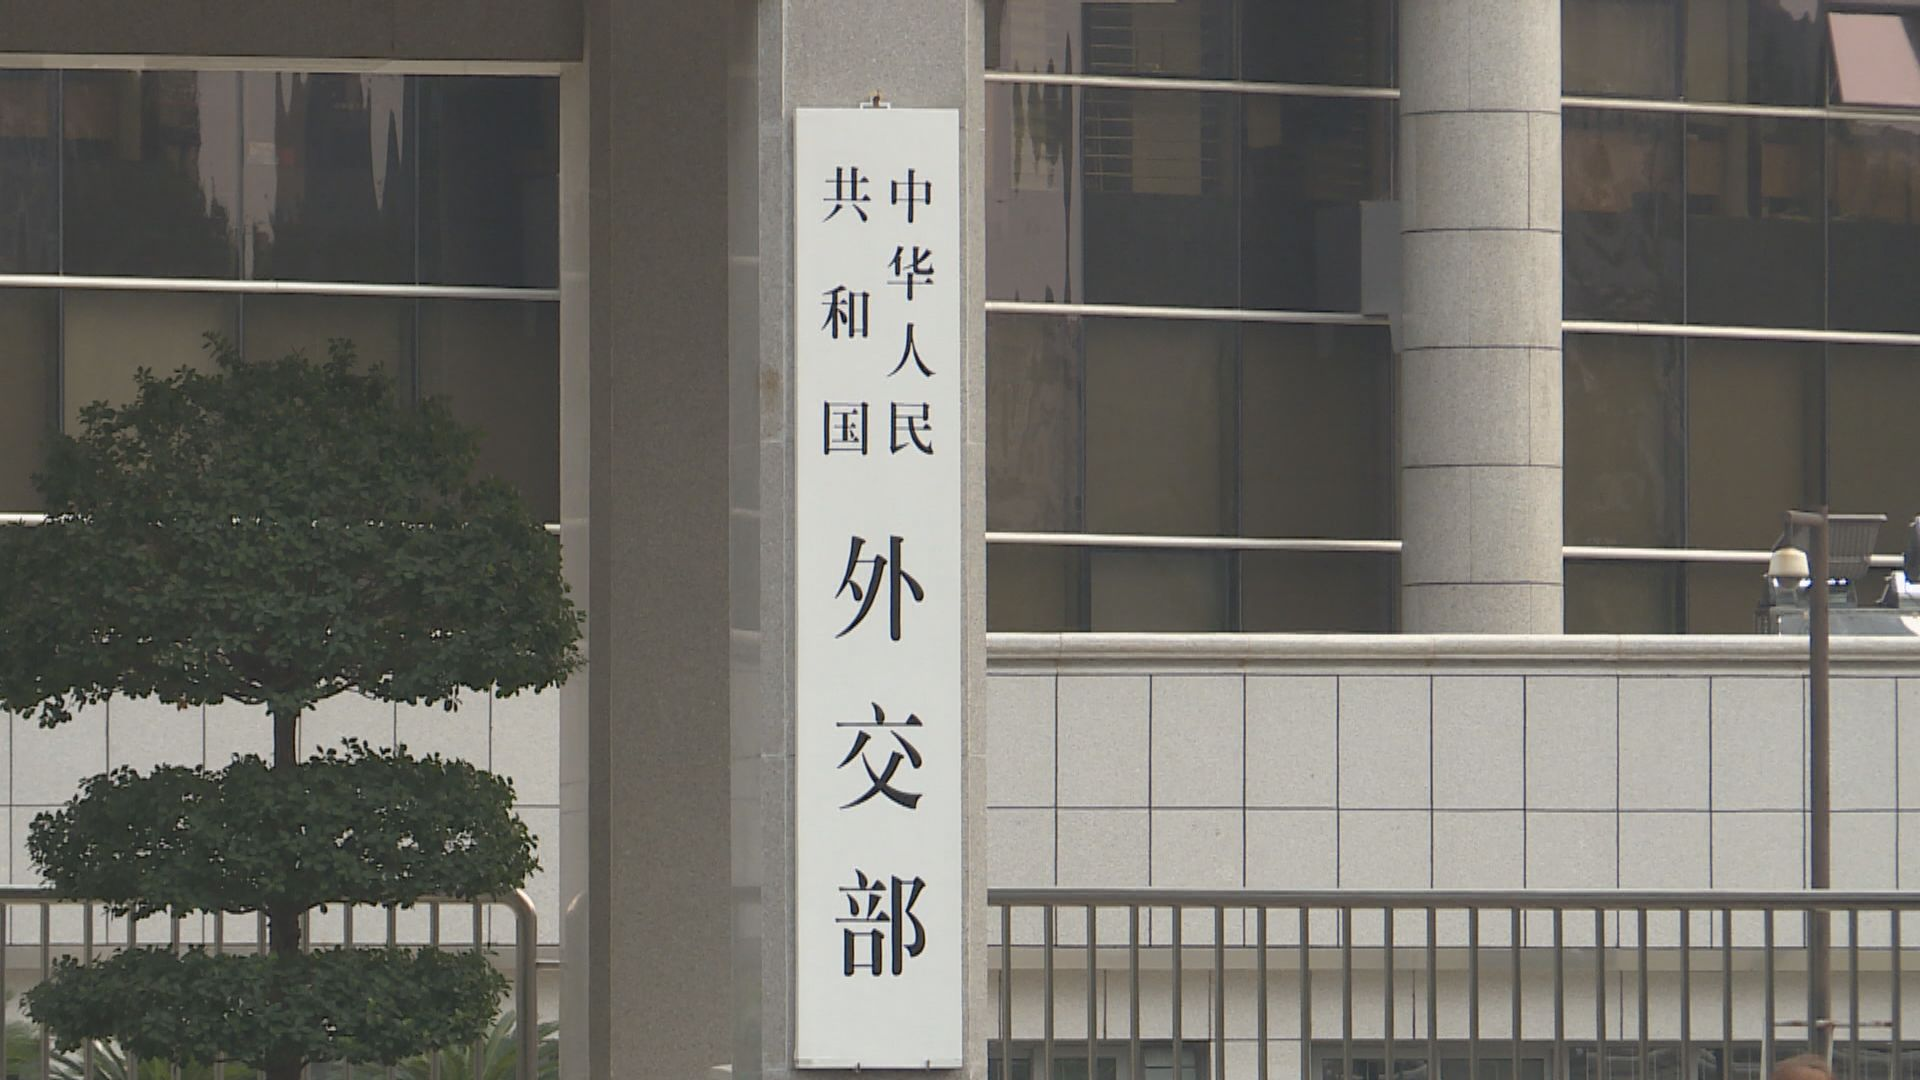 美台周四將舉行政治軍事對話 北京表示堅決反對